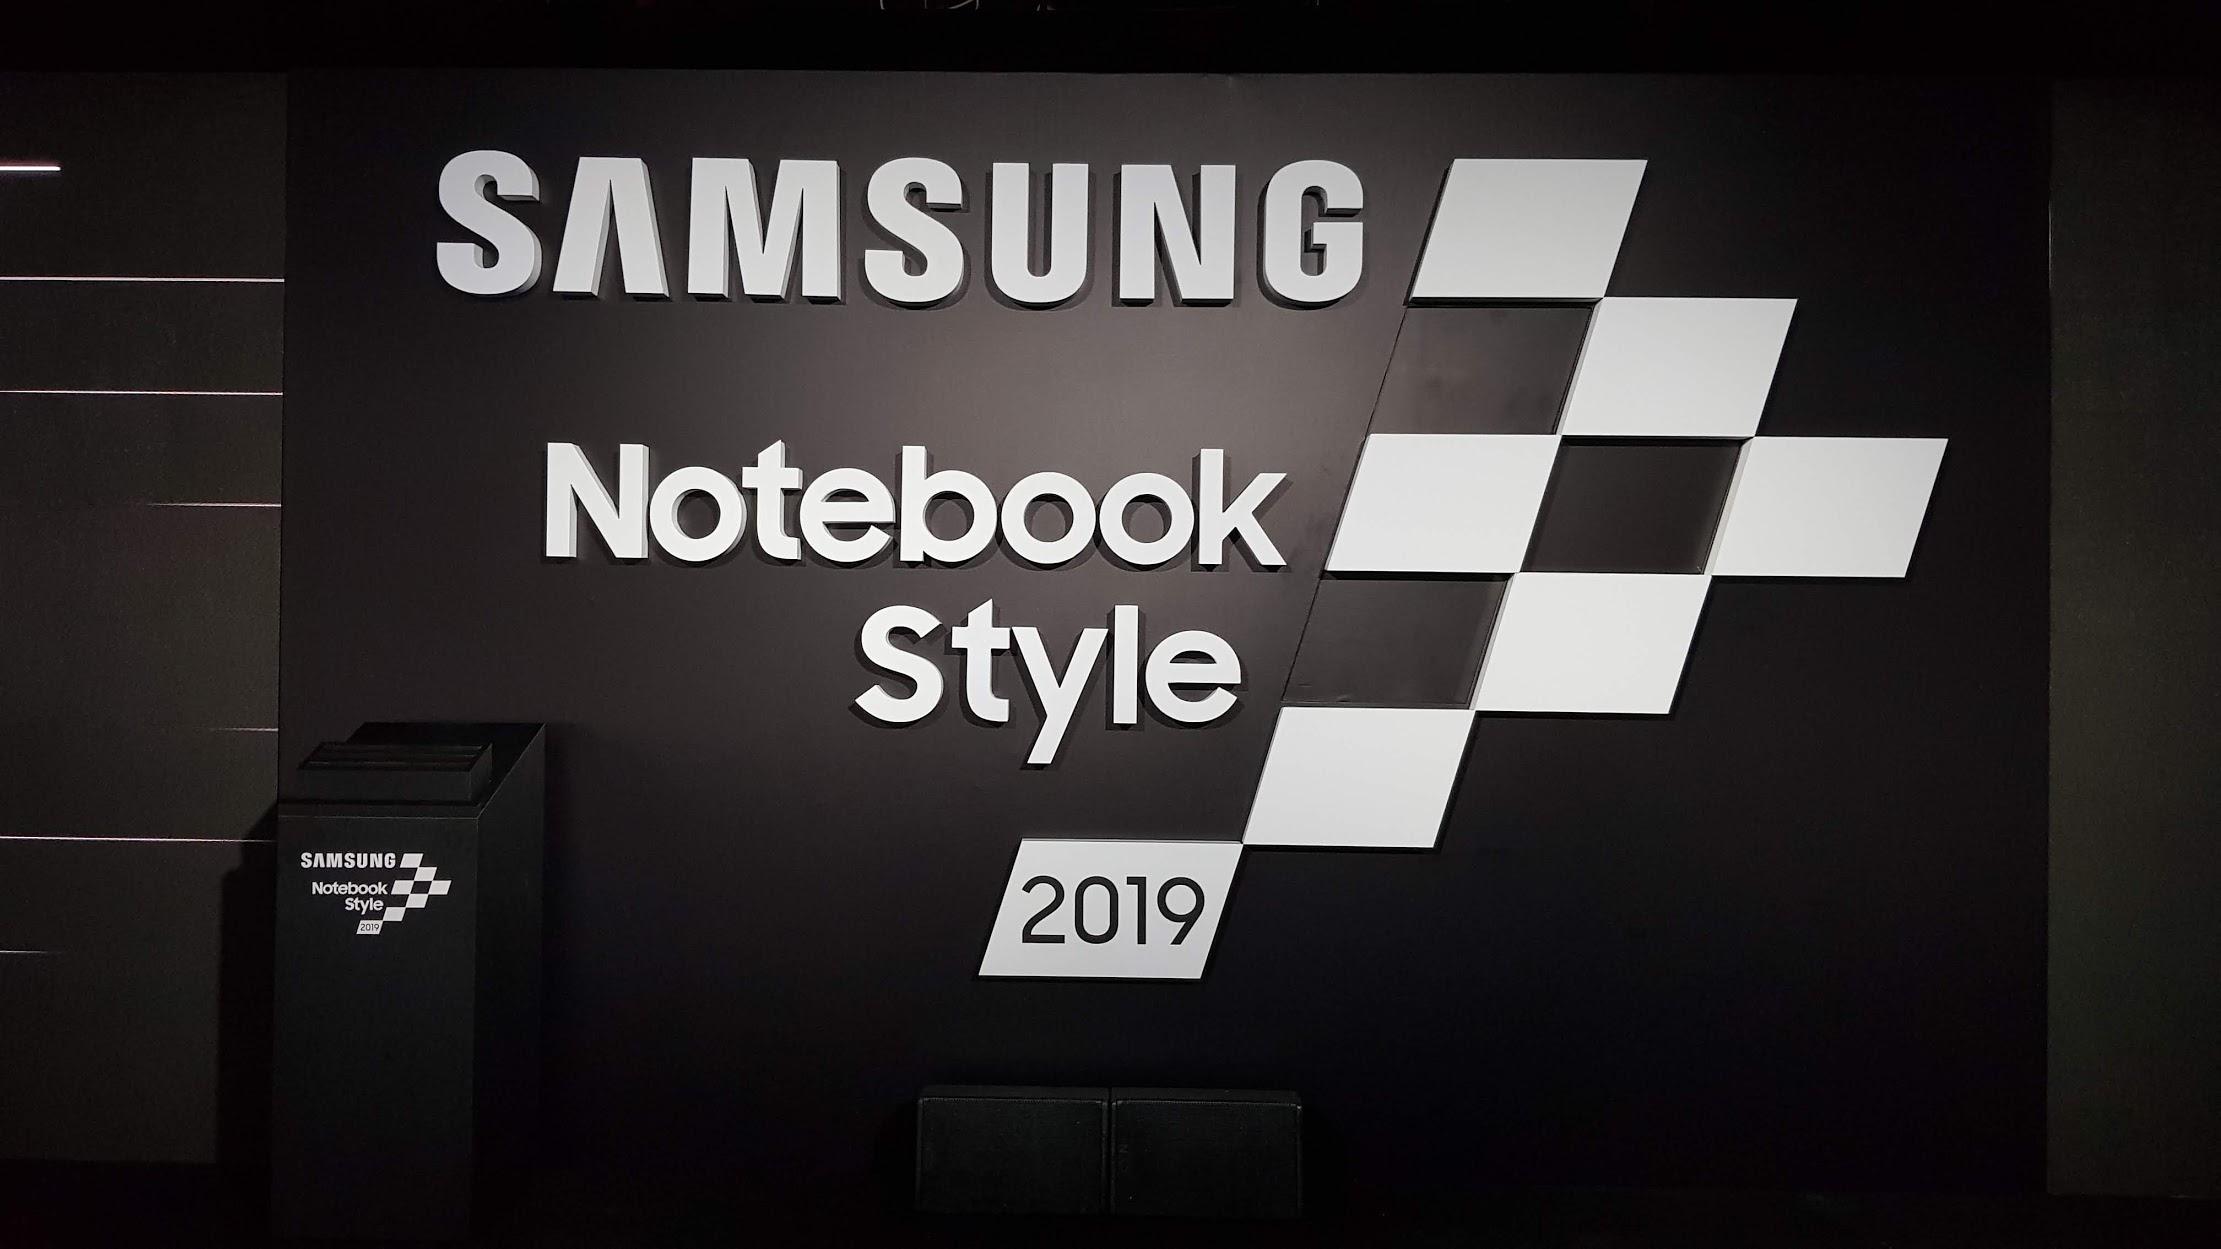 Notebook Samsung Style   Novo portfólio foi anunciado hoje no Brasil